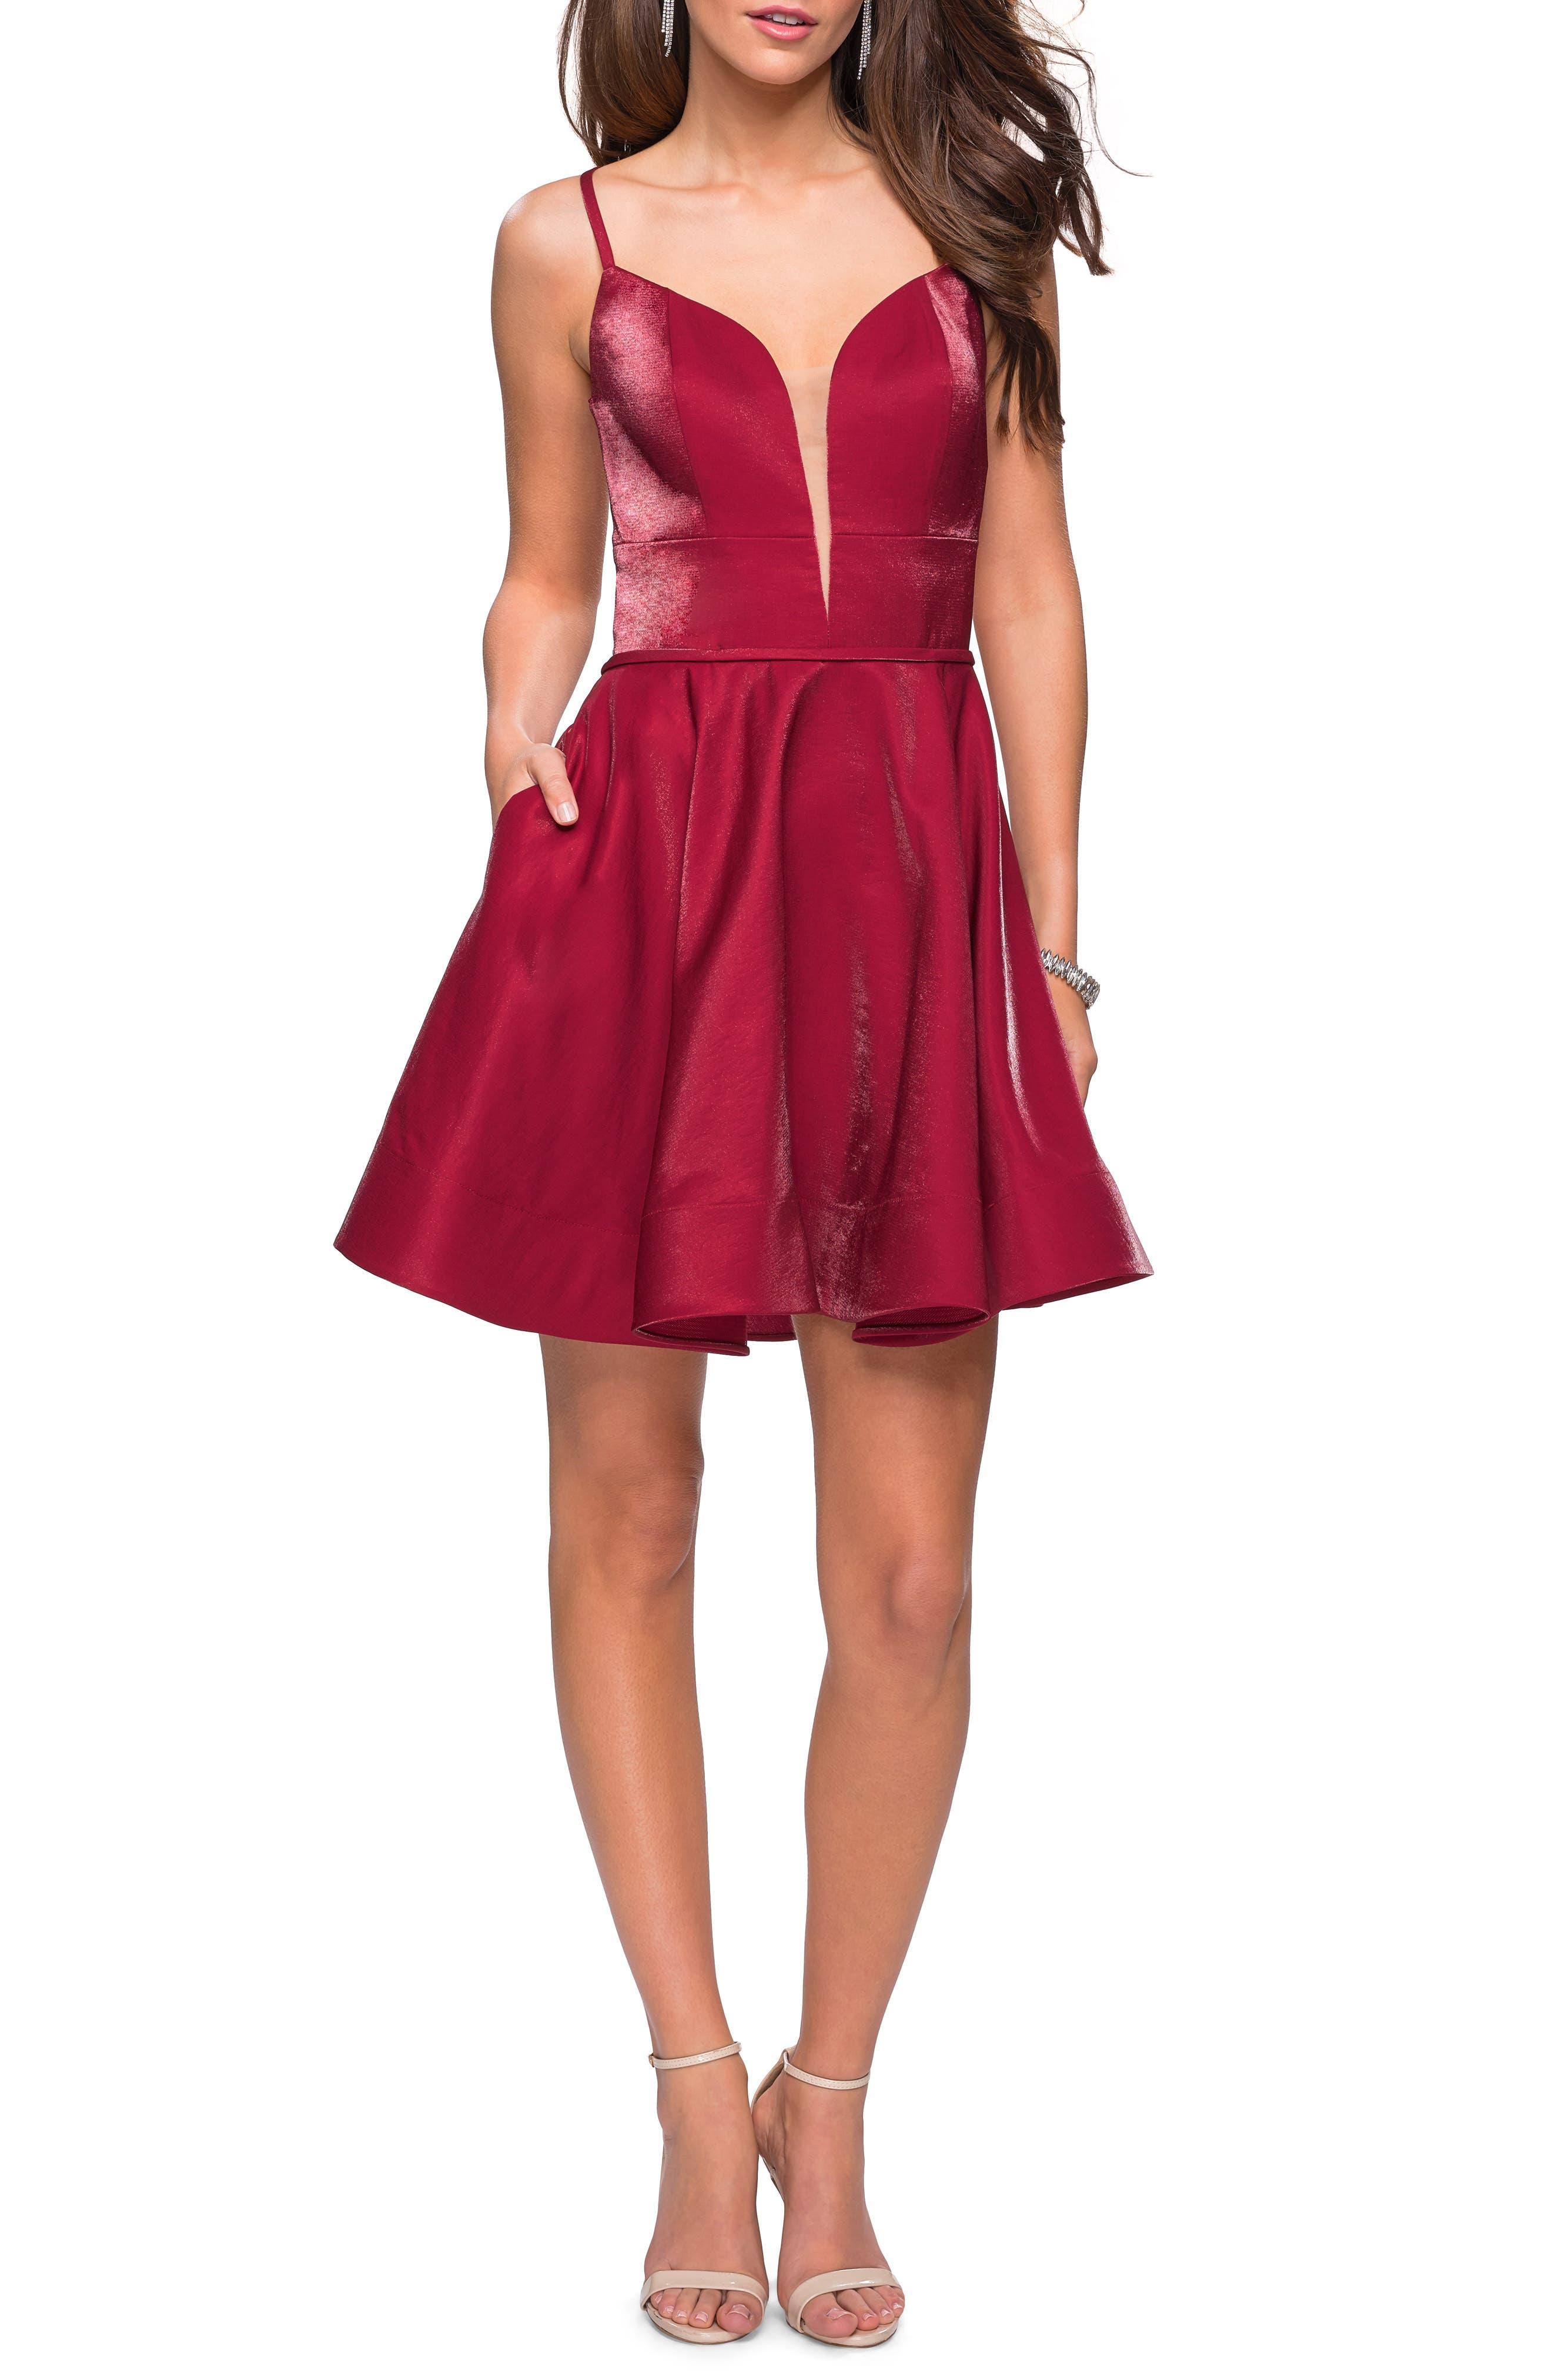 La Femme Satin Fit & Flare Dress, Red